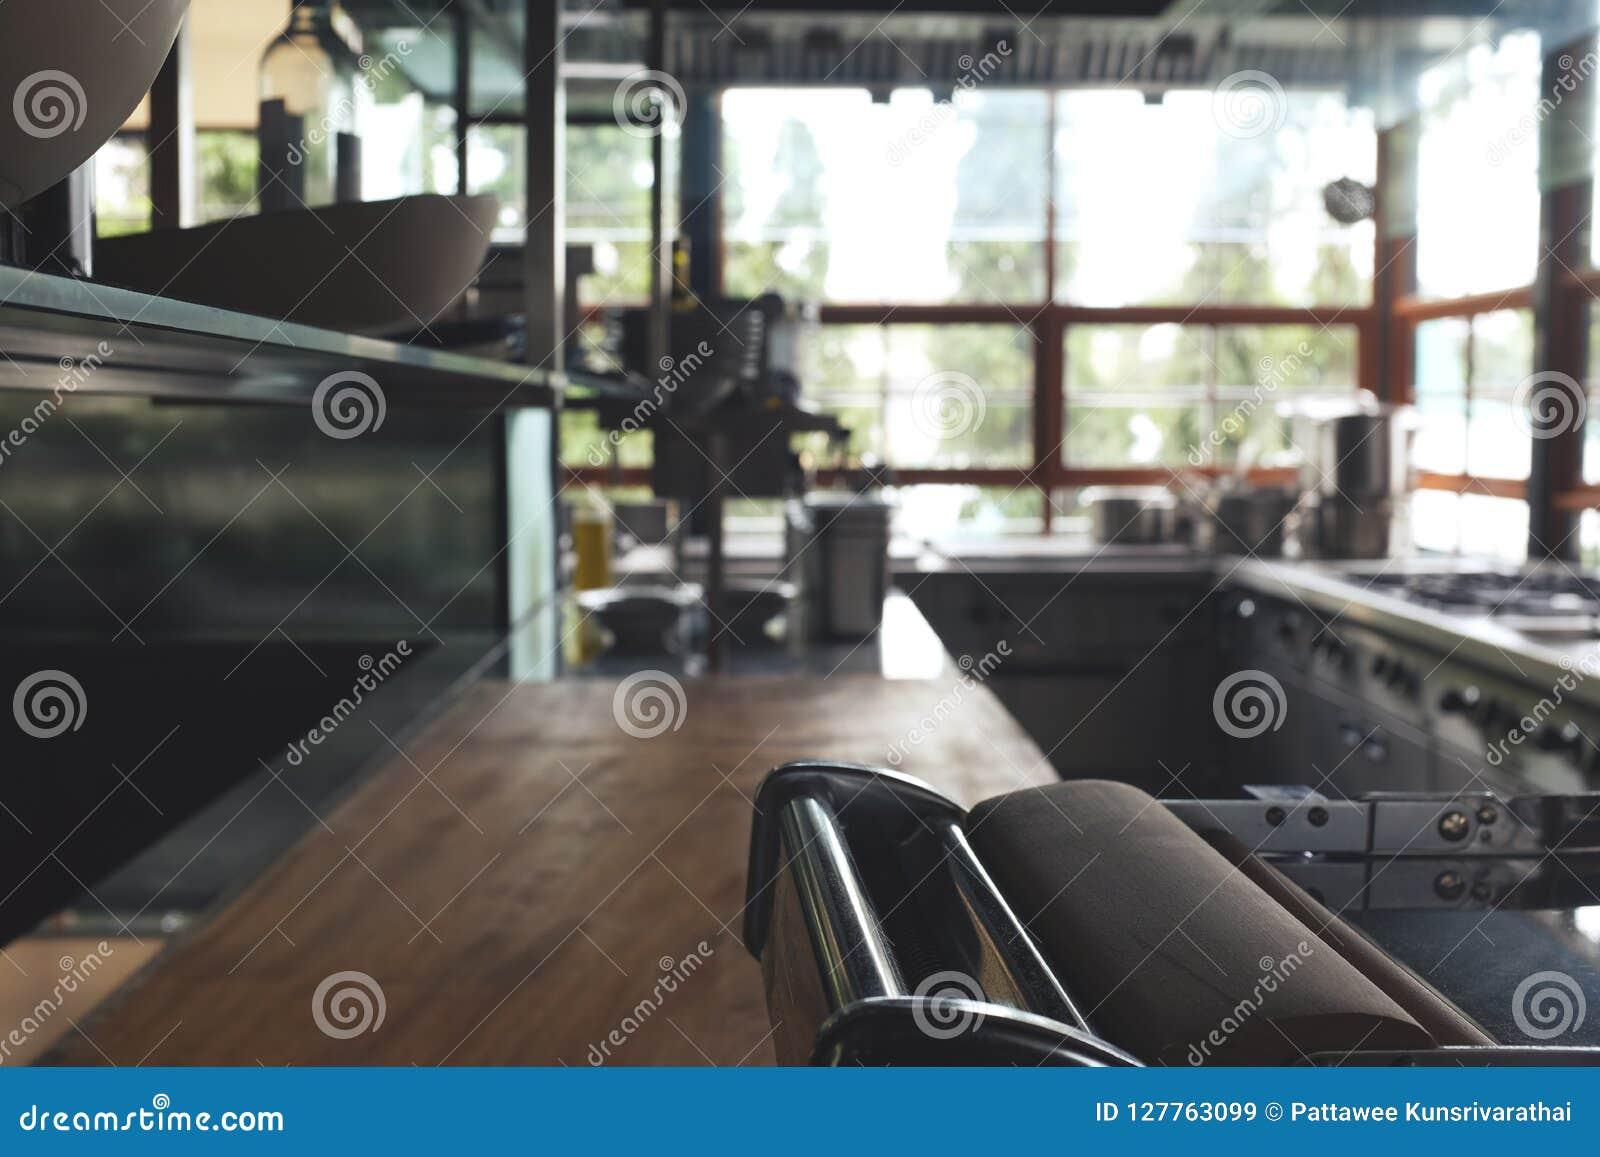 Blur Typical kitchen of a restaurant, no people, kitchen back ground.